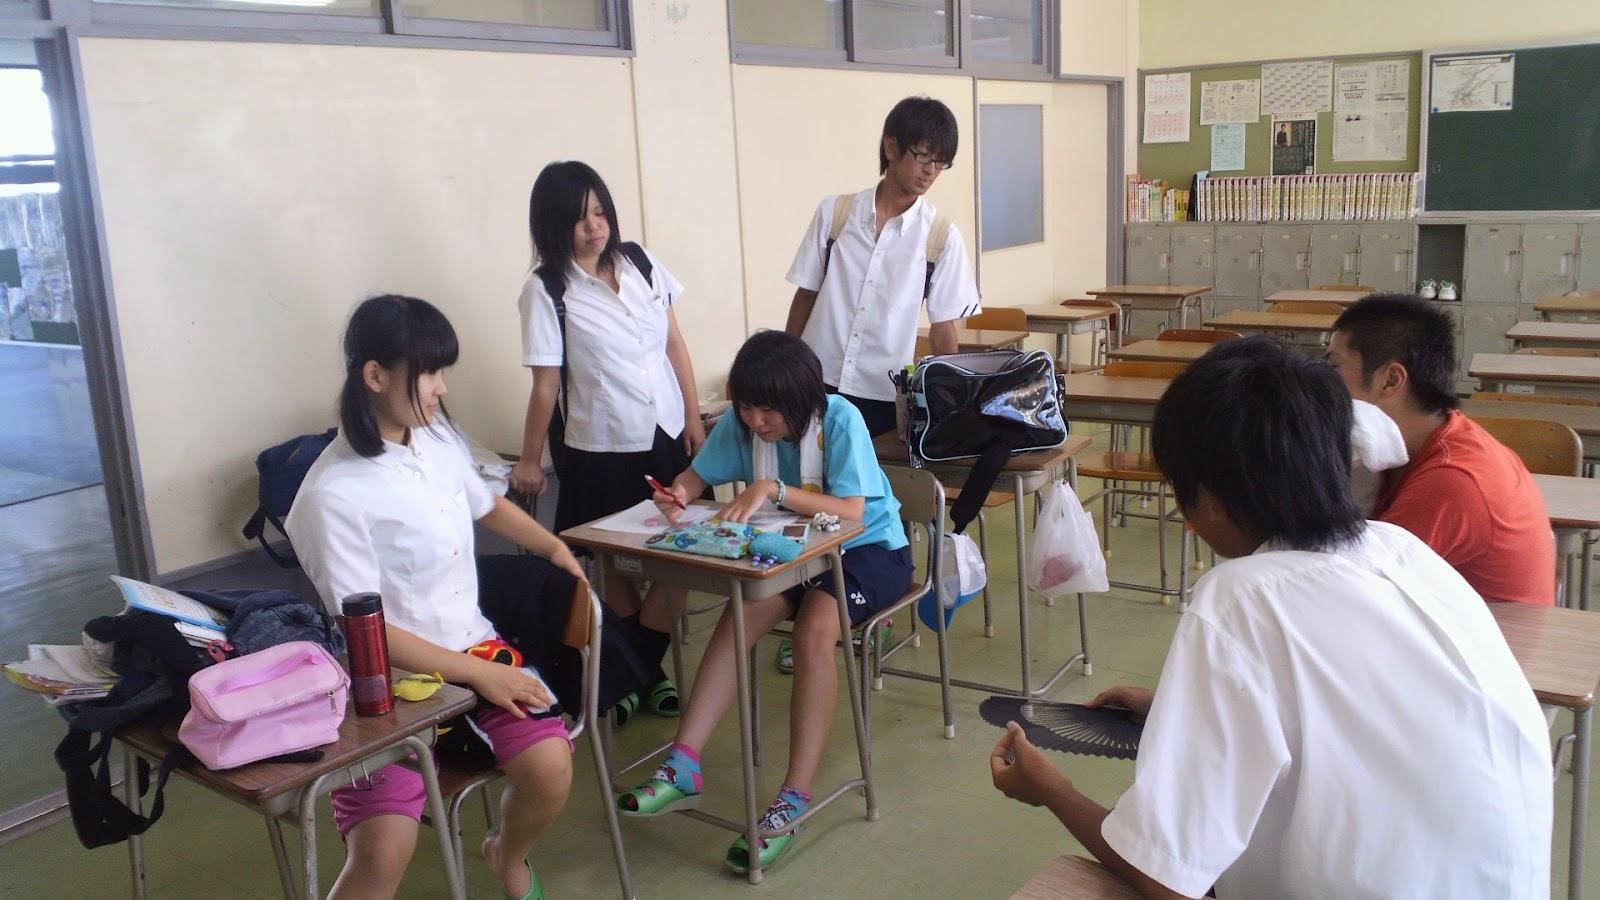 図書館や自習室では、いつもと変わらず熱心に勉強に取り組む生徒の姿がある... 宇治山田高校長のペ